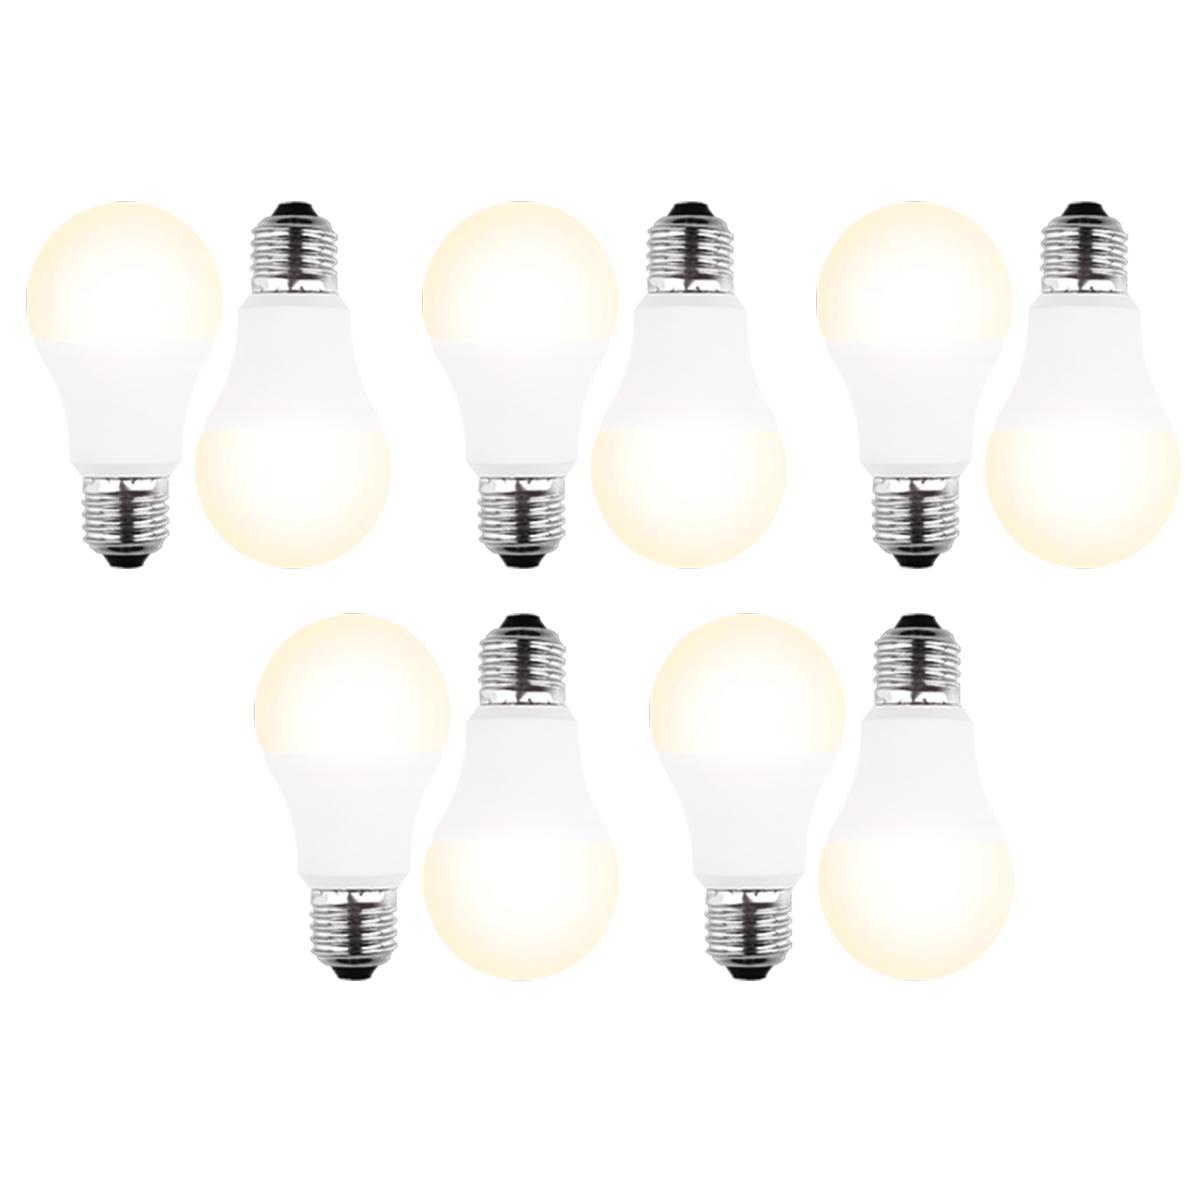 2 Stück  BLULAXA LED-Lampe E27 8 Watt 810 Lumen warm white ersetzt 60 Watt